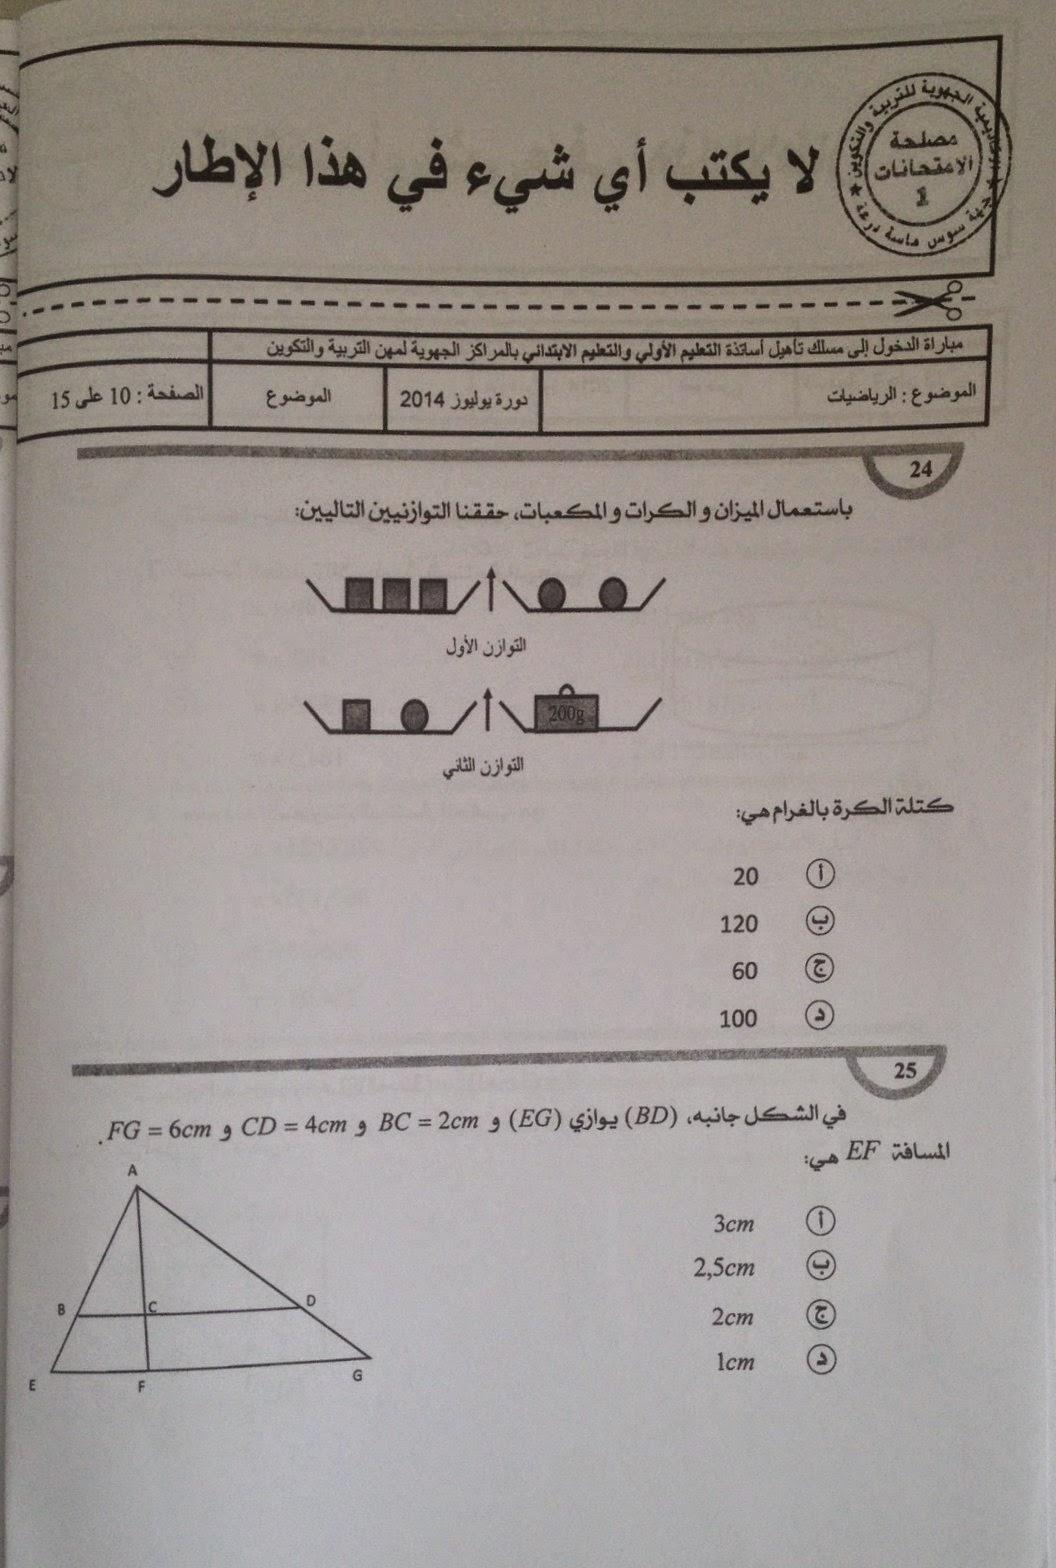 الاختبار الكتابي لولوج المراكز الجهوية للسلك الابتدائي دورة يوليوز 2014- مادة الرياضيات  Nouveau%2Bdocument%2B2_20